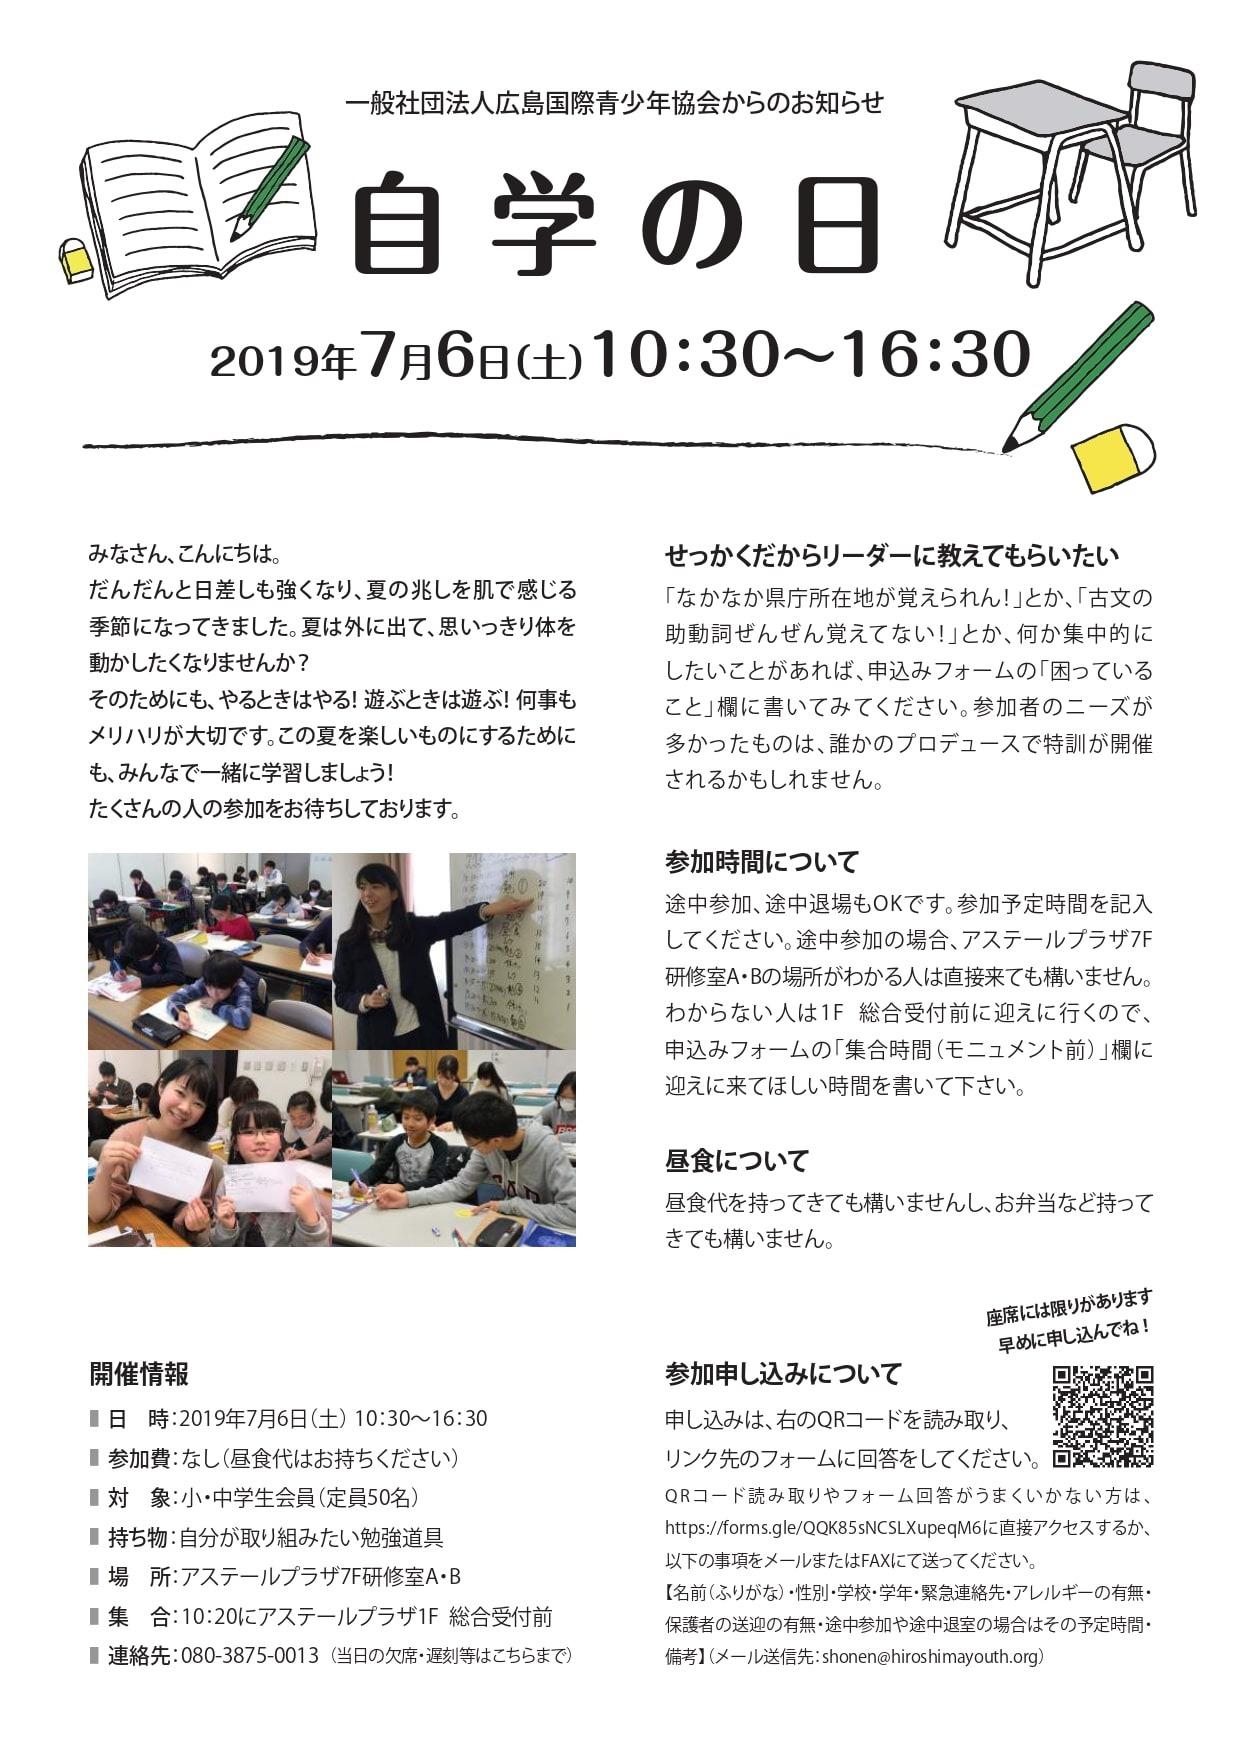 20190706_自学の日お知らせ-圧縮済み_page-0001-min.jpg